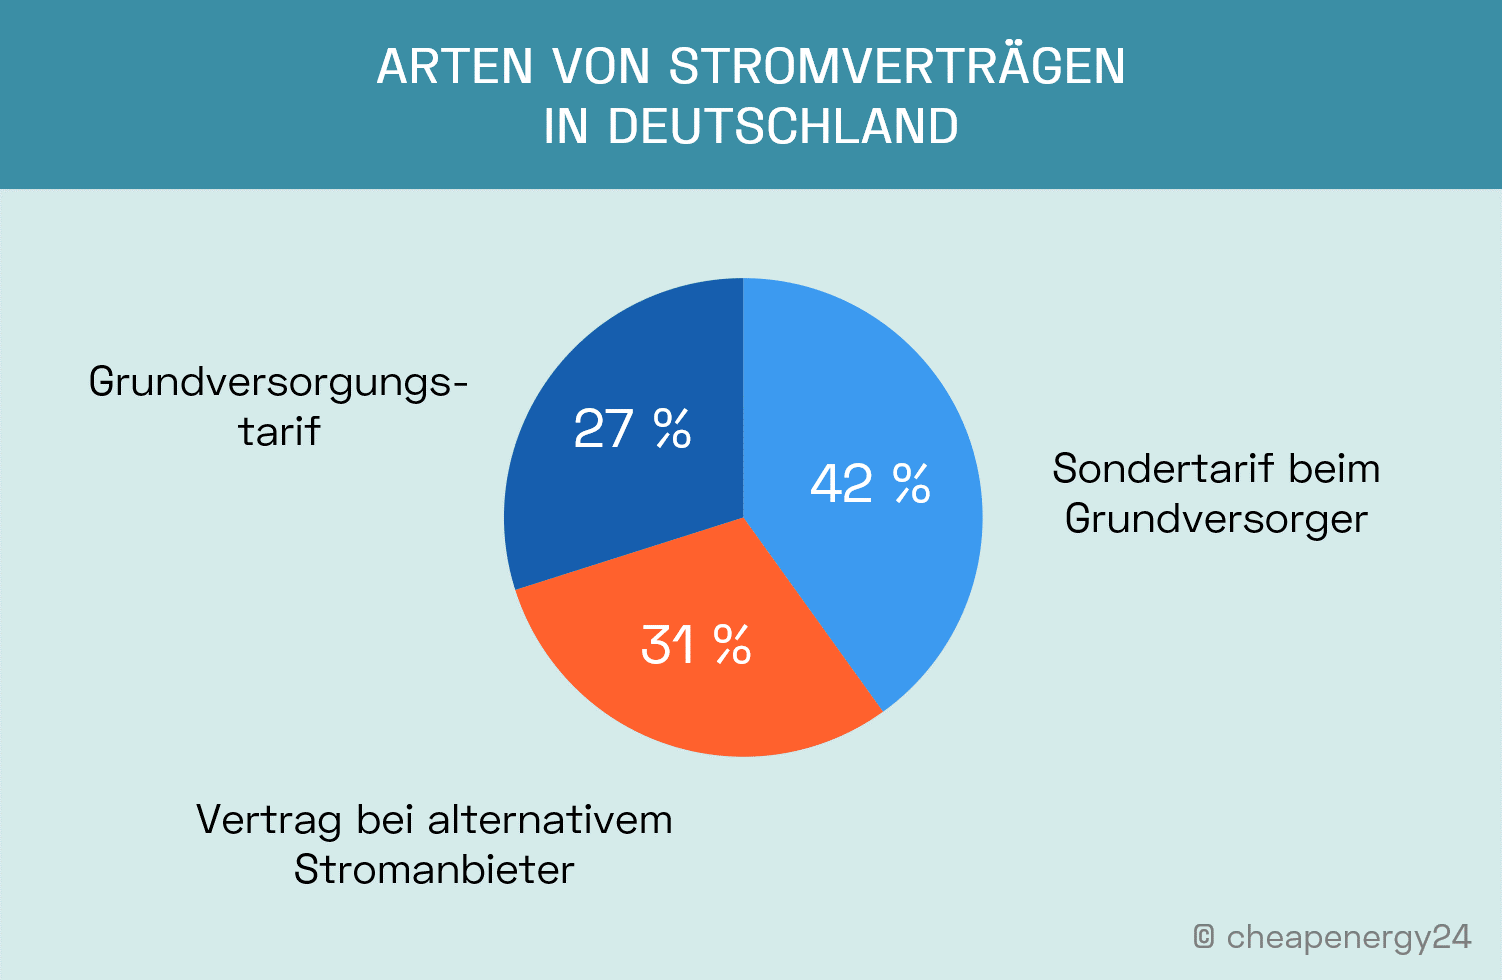 Arten von Stromverträgen in Deutschland